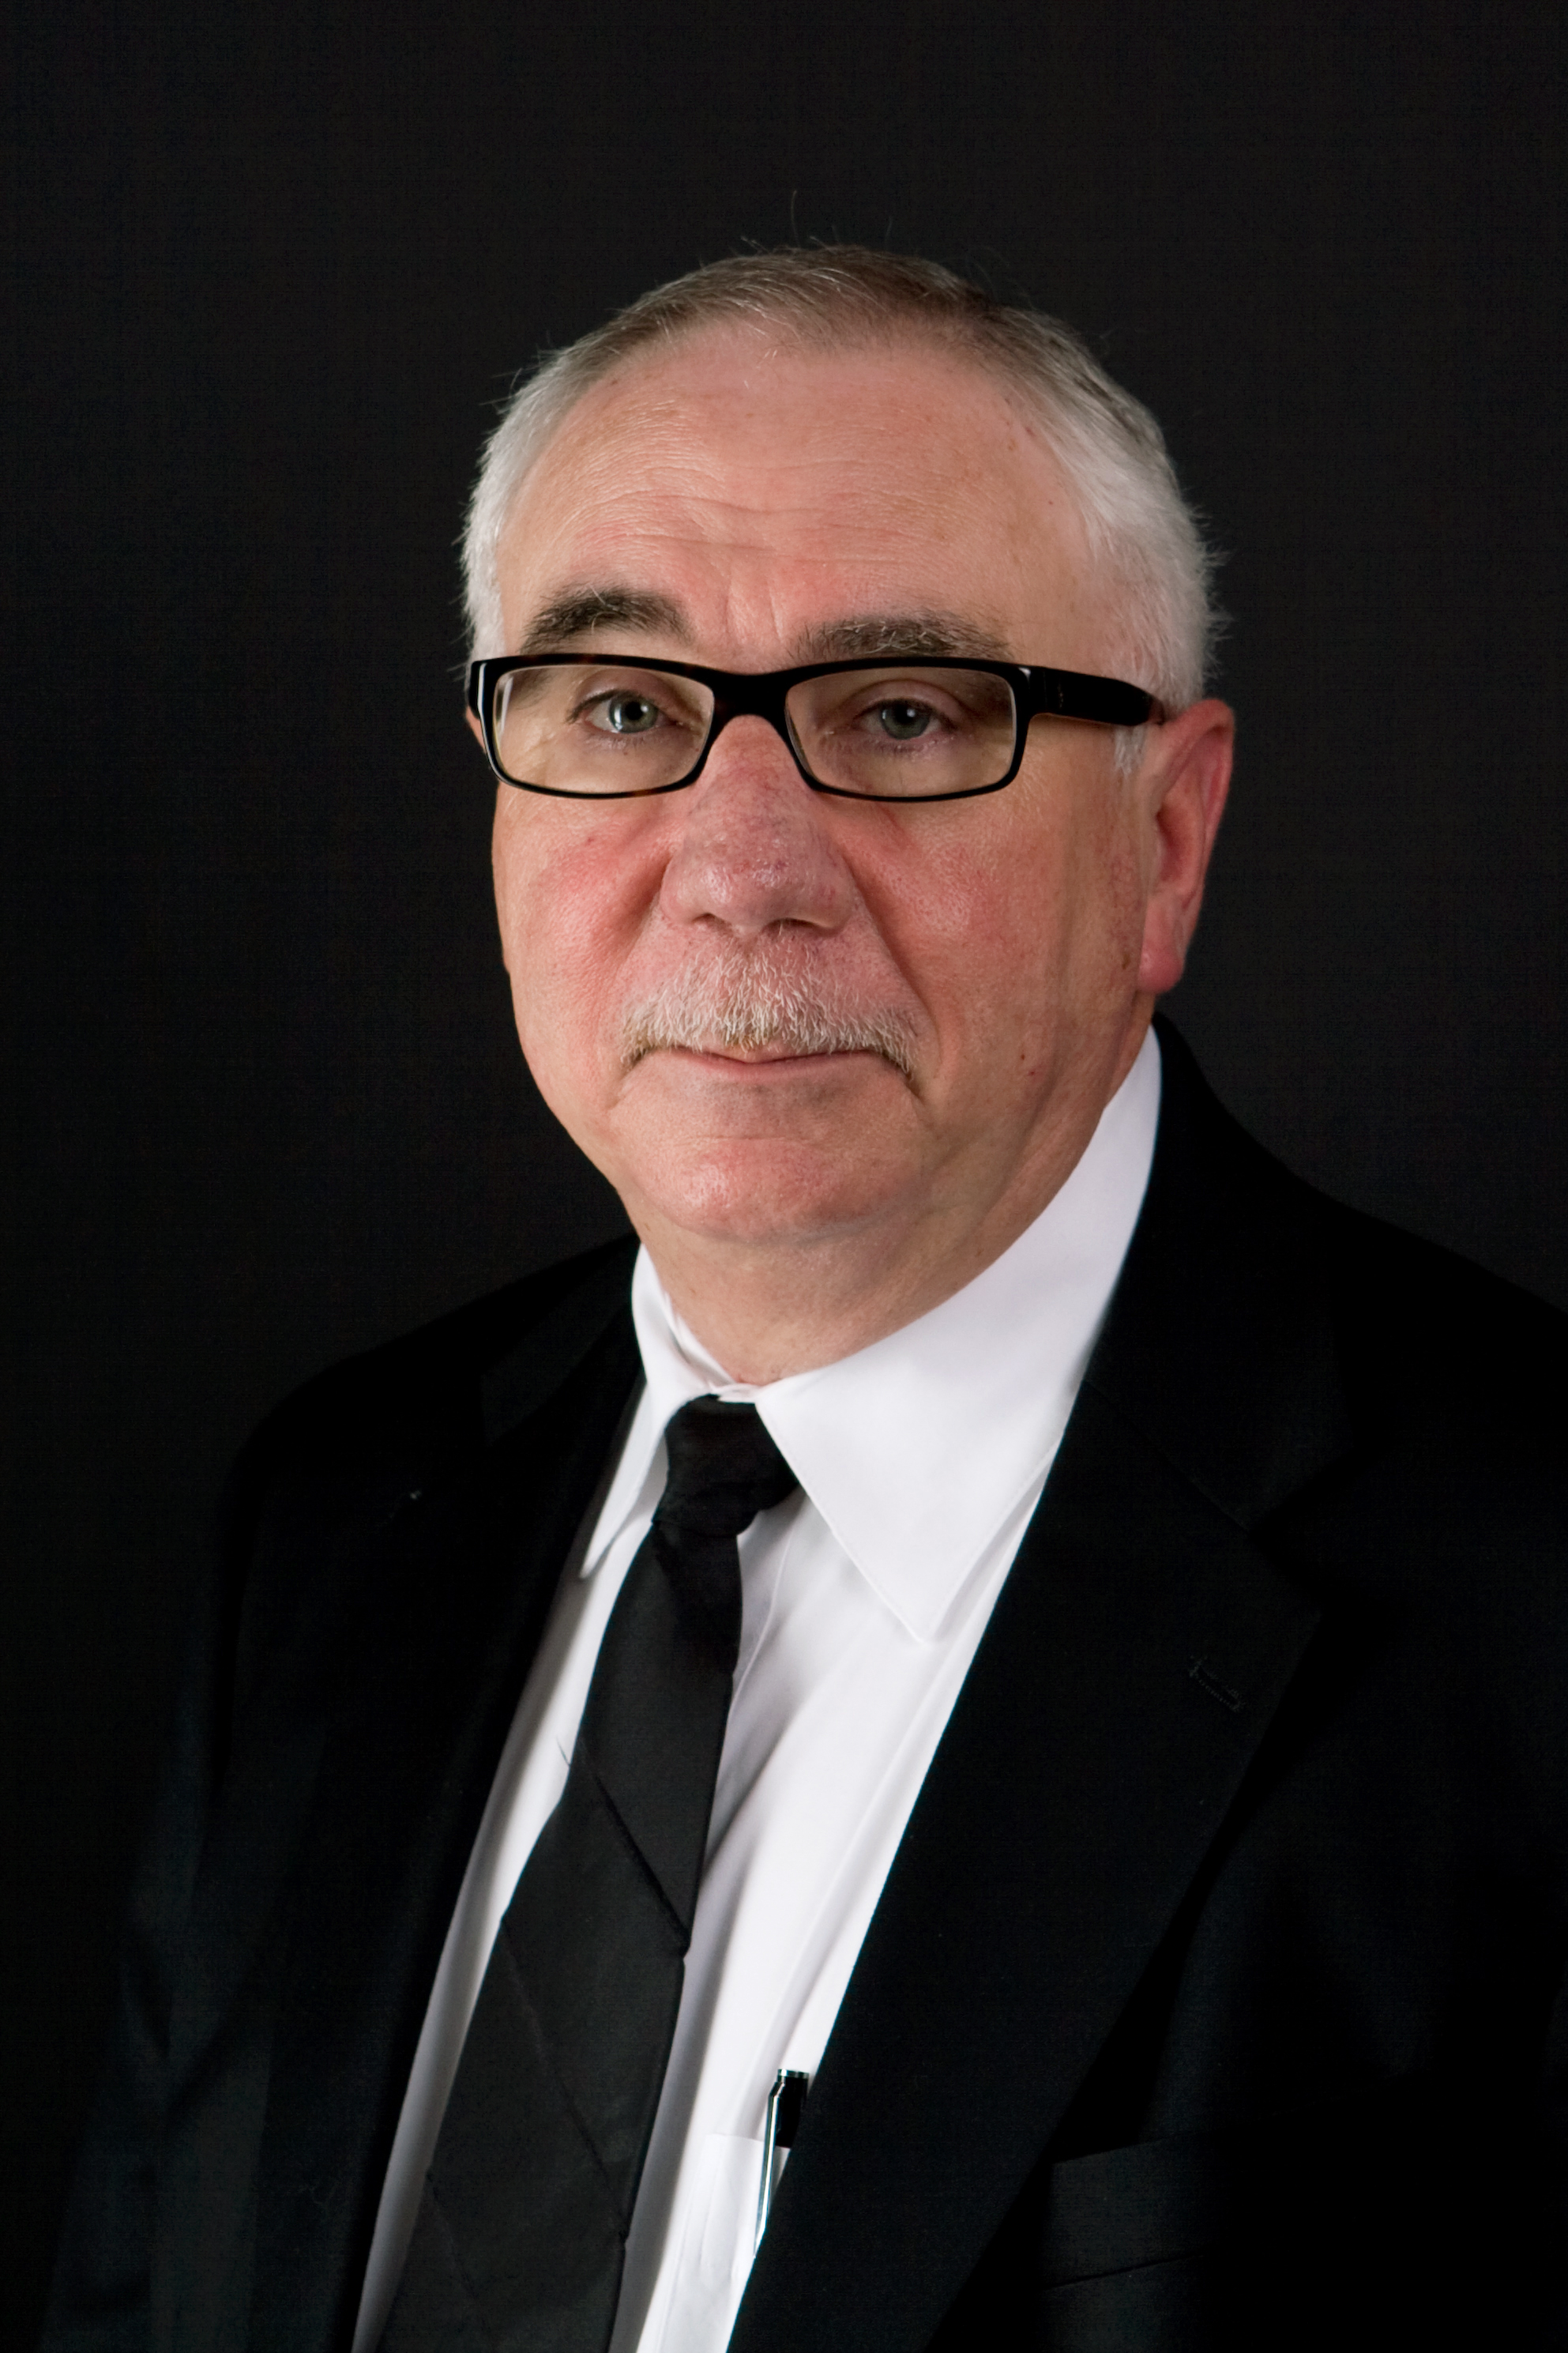 NIGC Welcomes Director of Enforcement